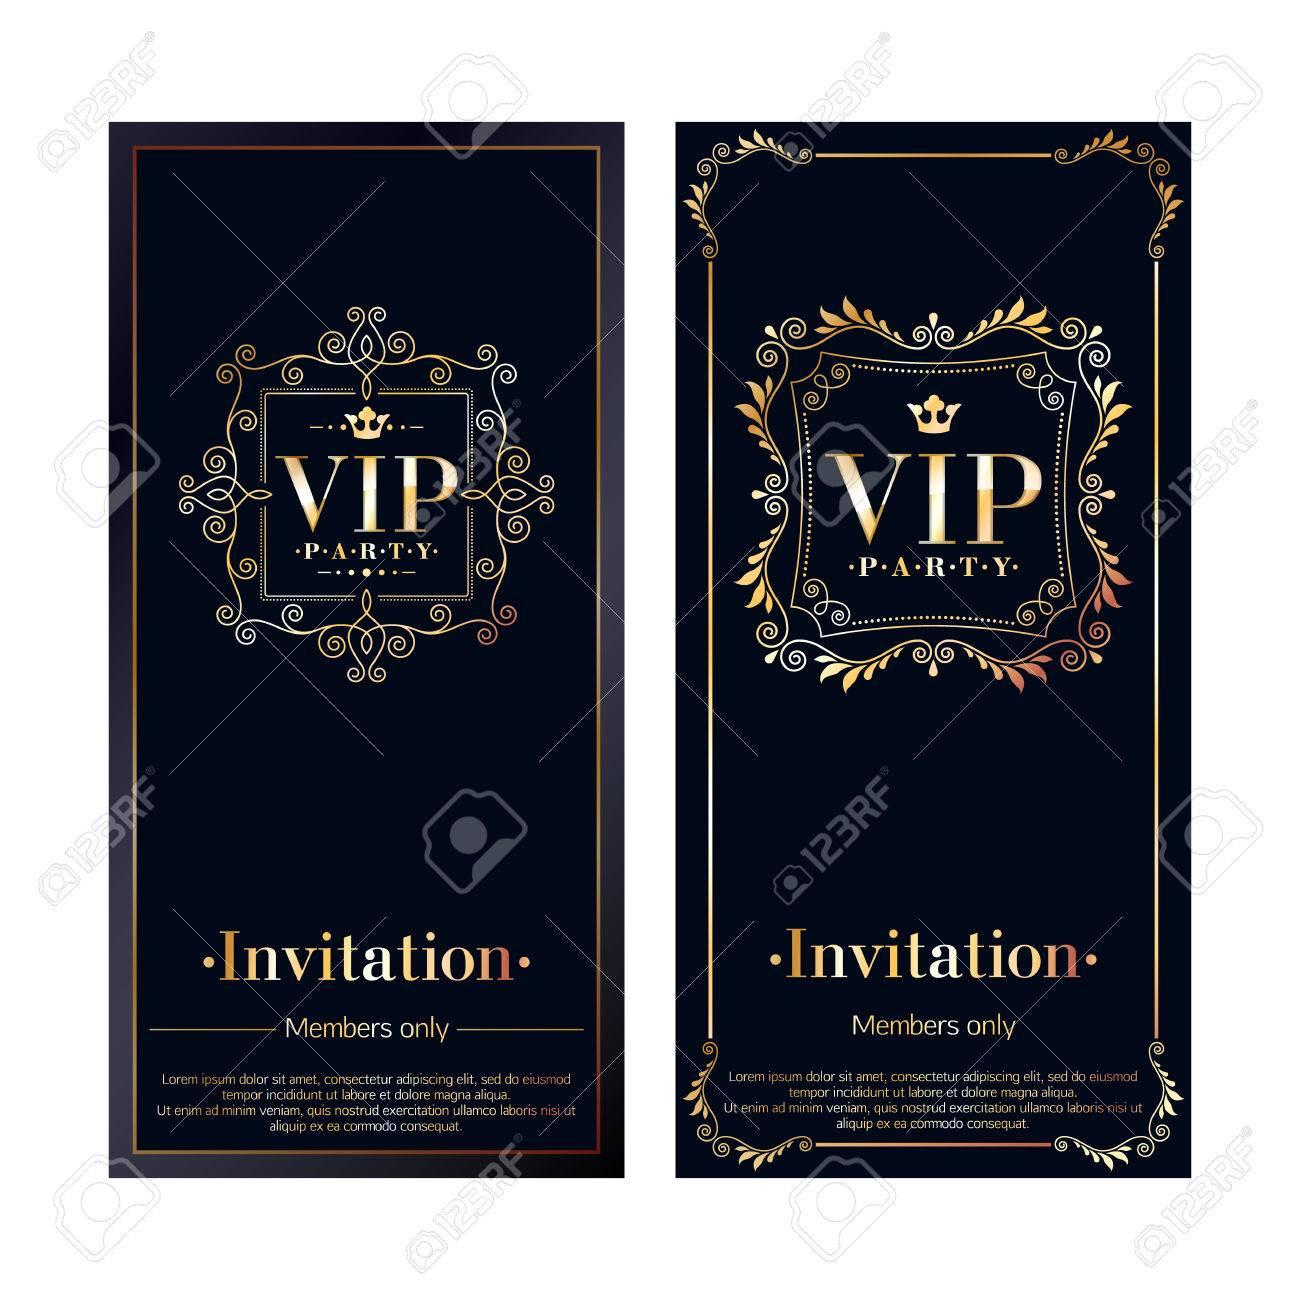 Vip zone members premium invitation cards black and golden design vector vip zone members premium invitation cards black and golden design template set classic floral retro decorative vignettes design stopboris Image collections